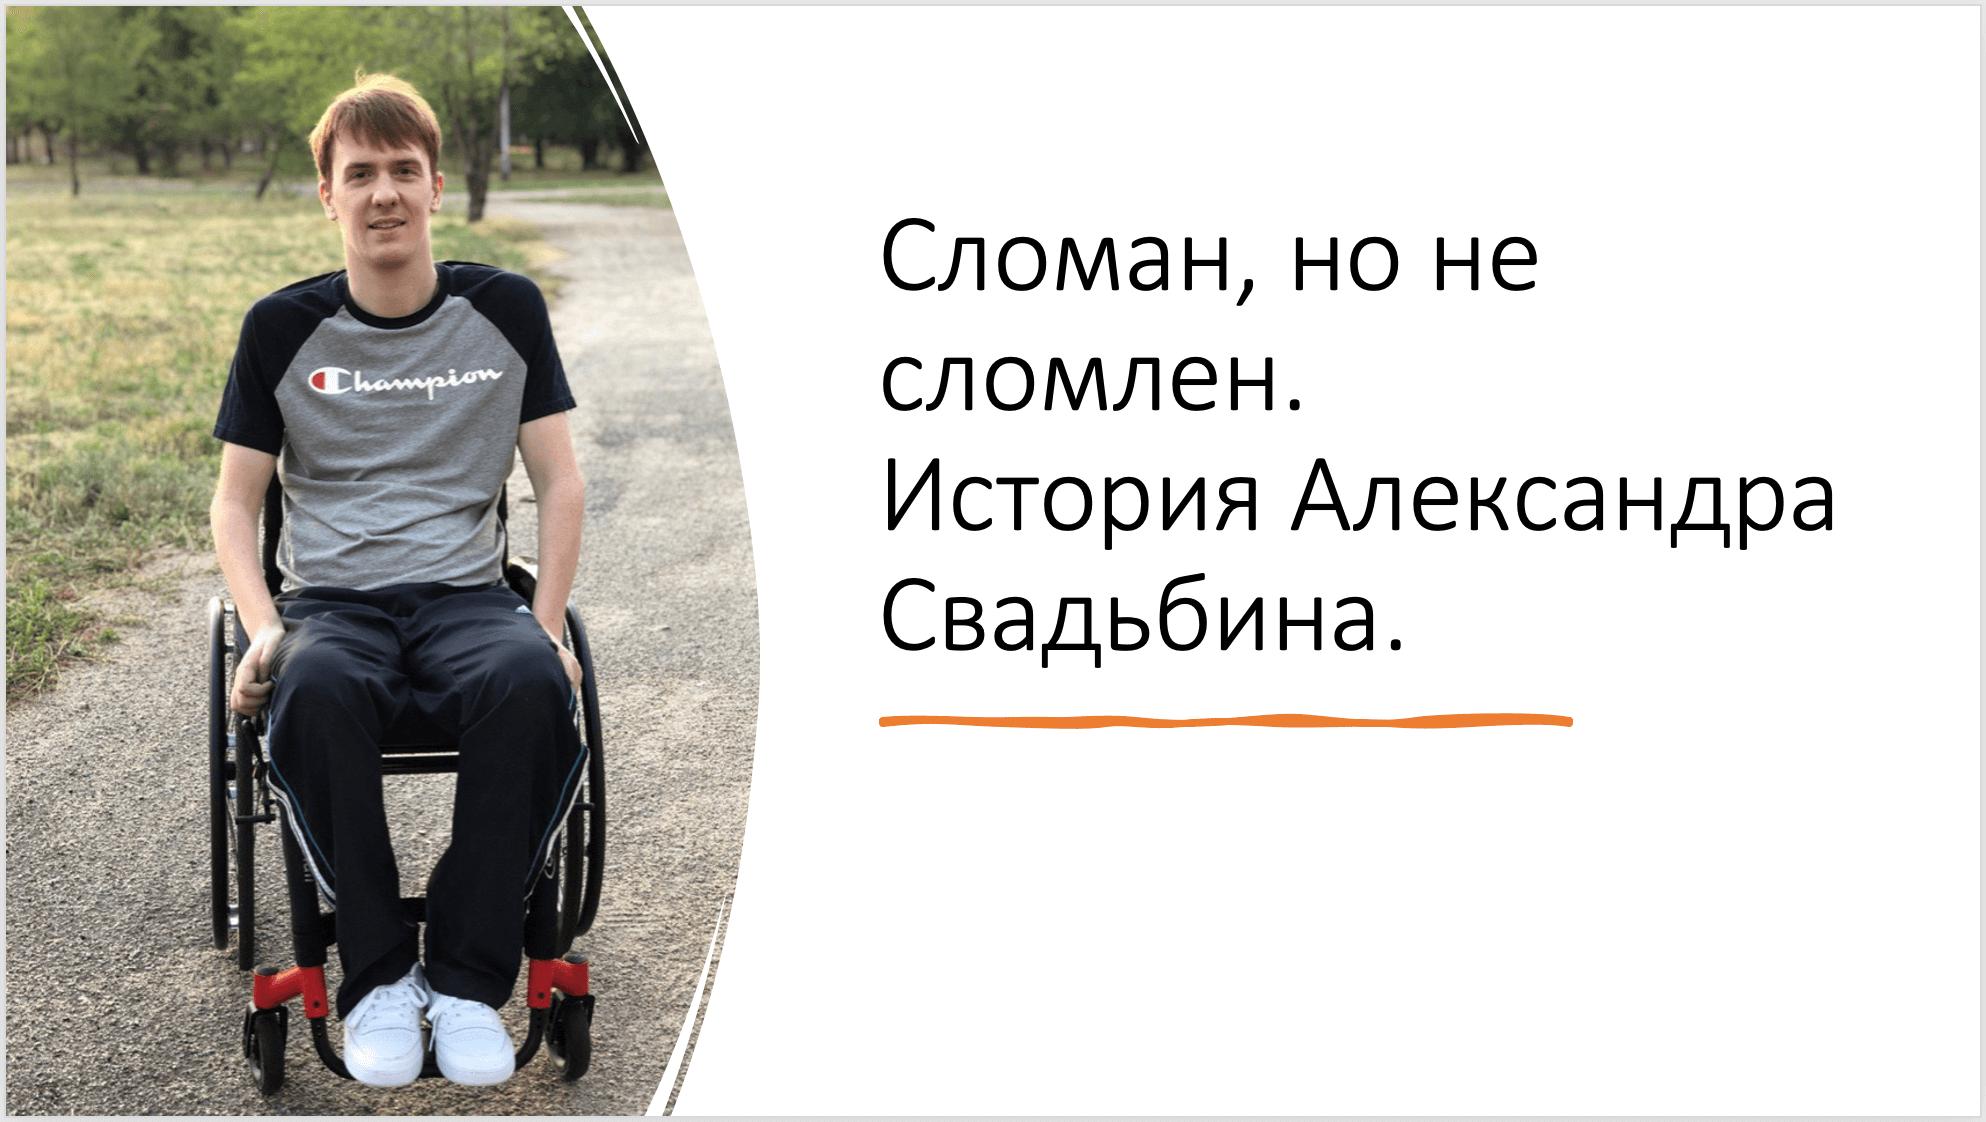 Сломан, но не сломлен. История Александра Свадьбина.